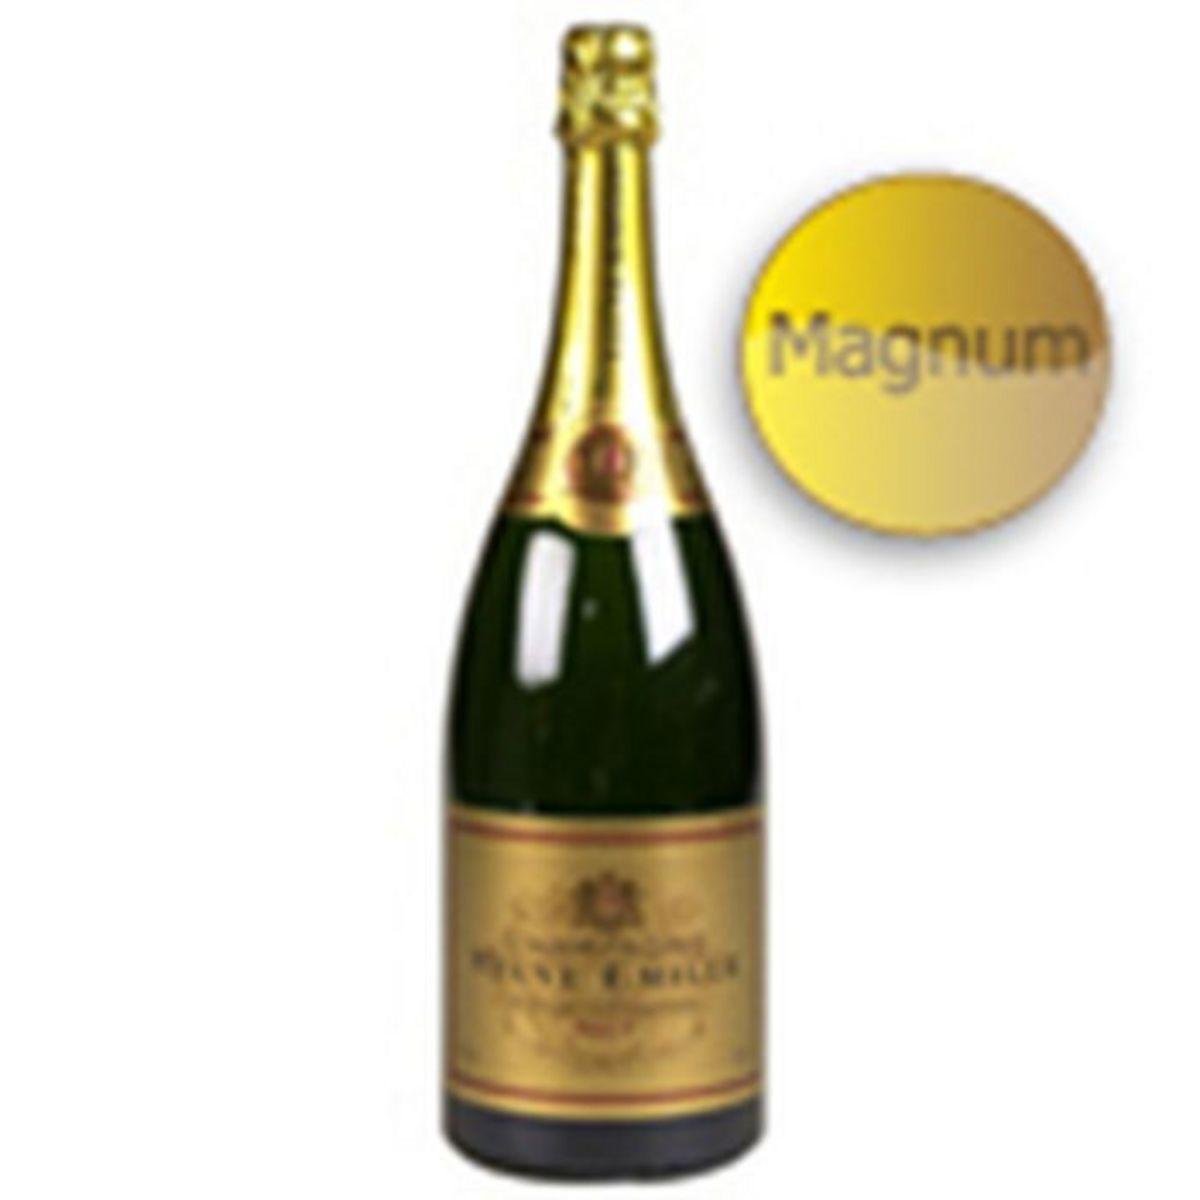 AOP Champagne rosé réserve privée